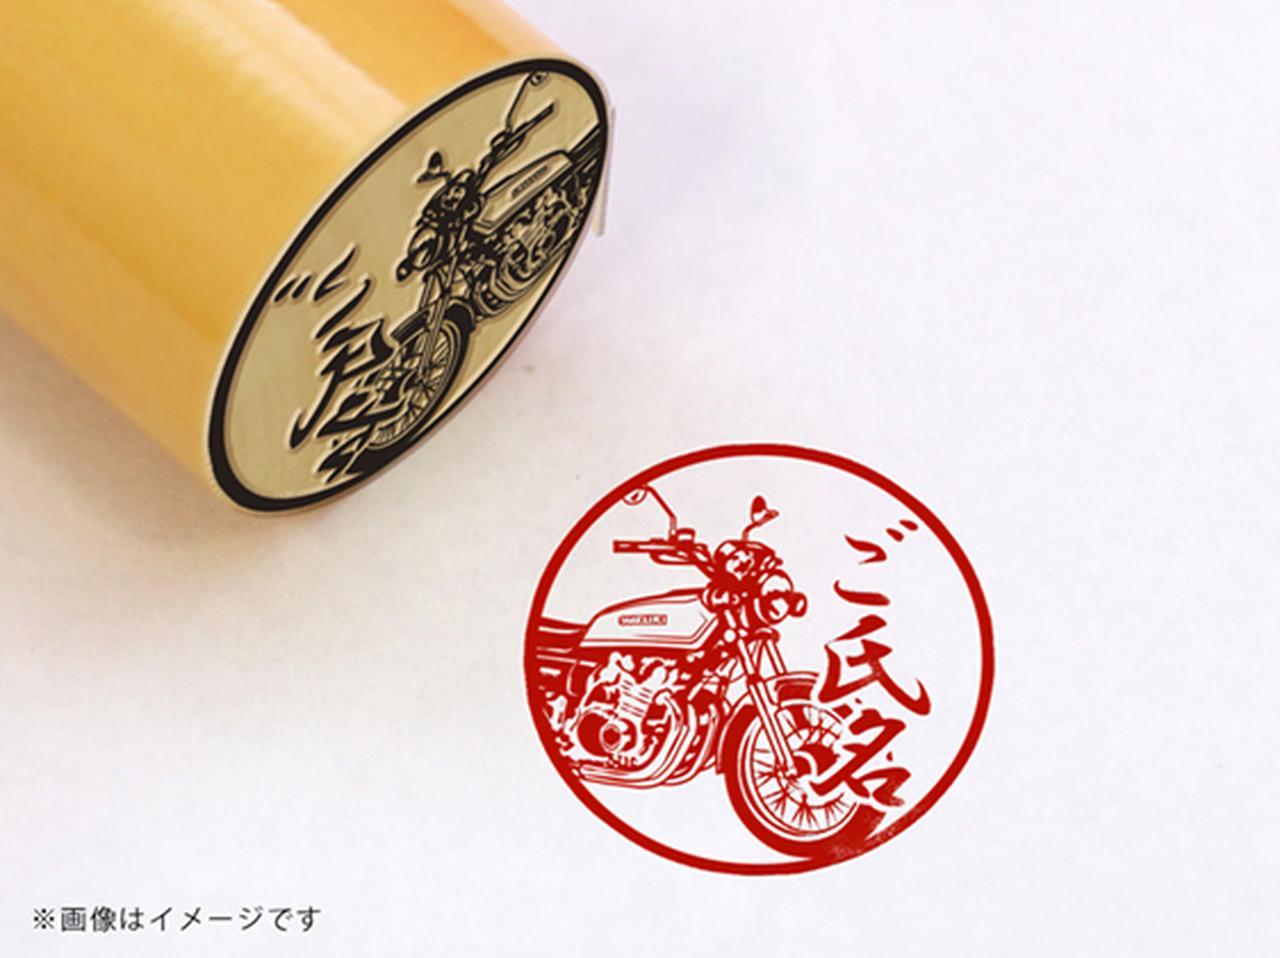 Images : 【SUZUKI】GS750・柘植丸印18mm